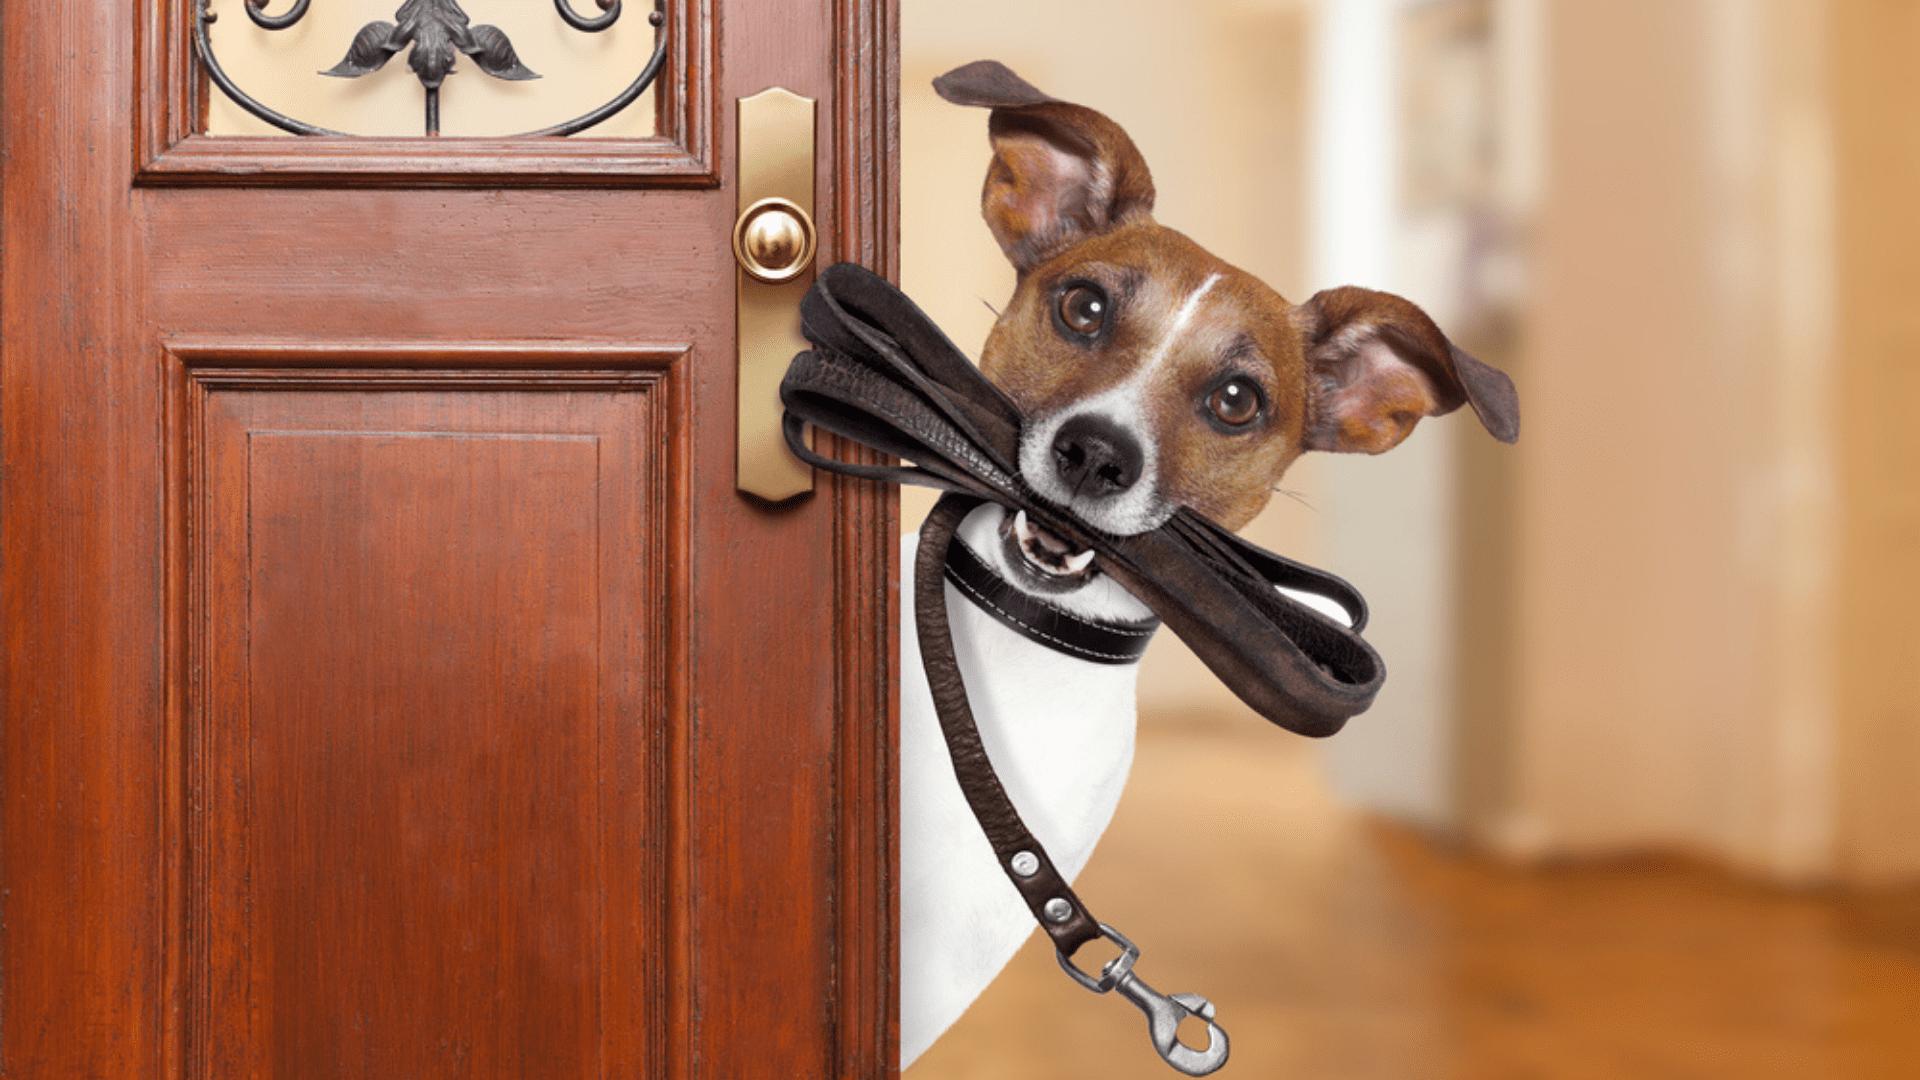 A coleira para cachorro também existe nos mais variados modelos, cores e formatos (Reprodução/Shutterstock)